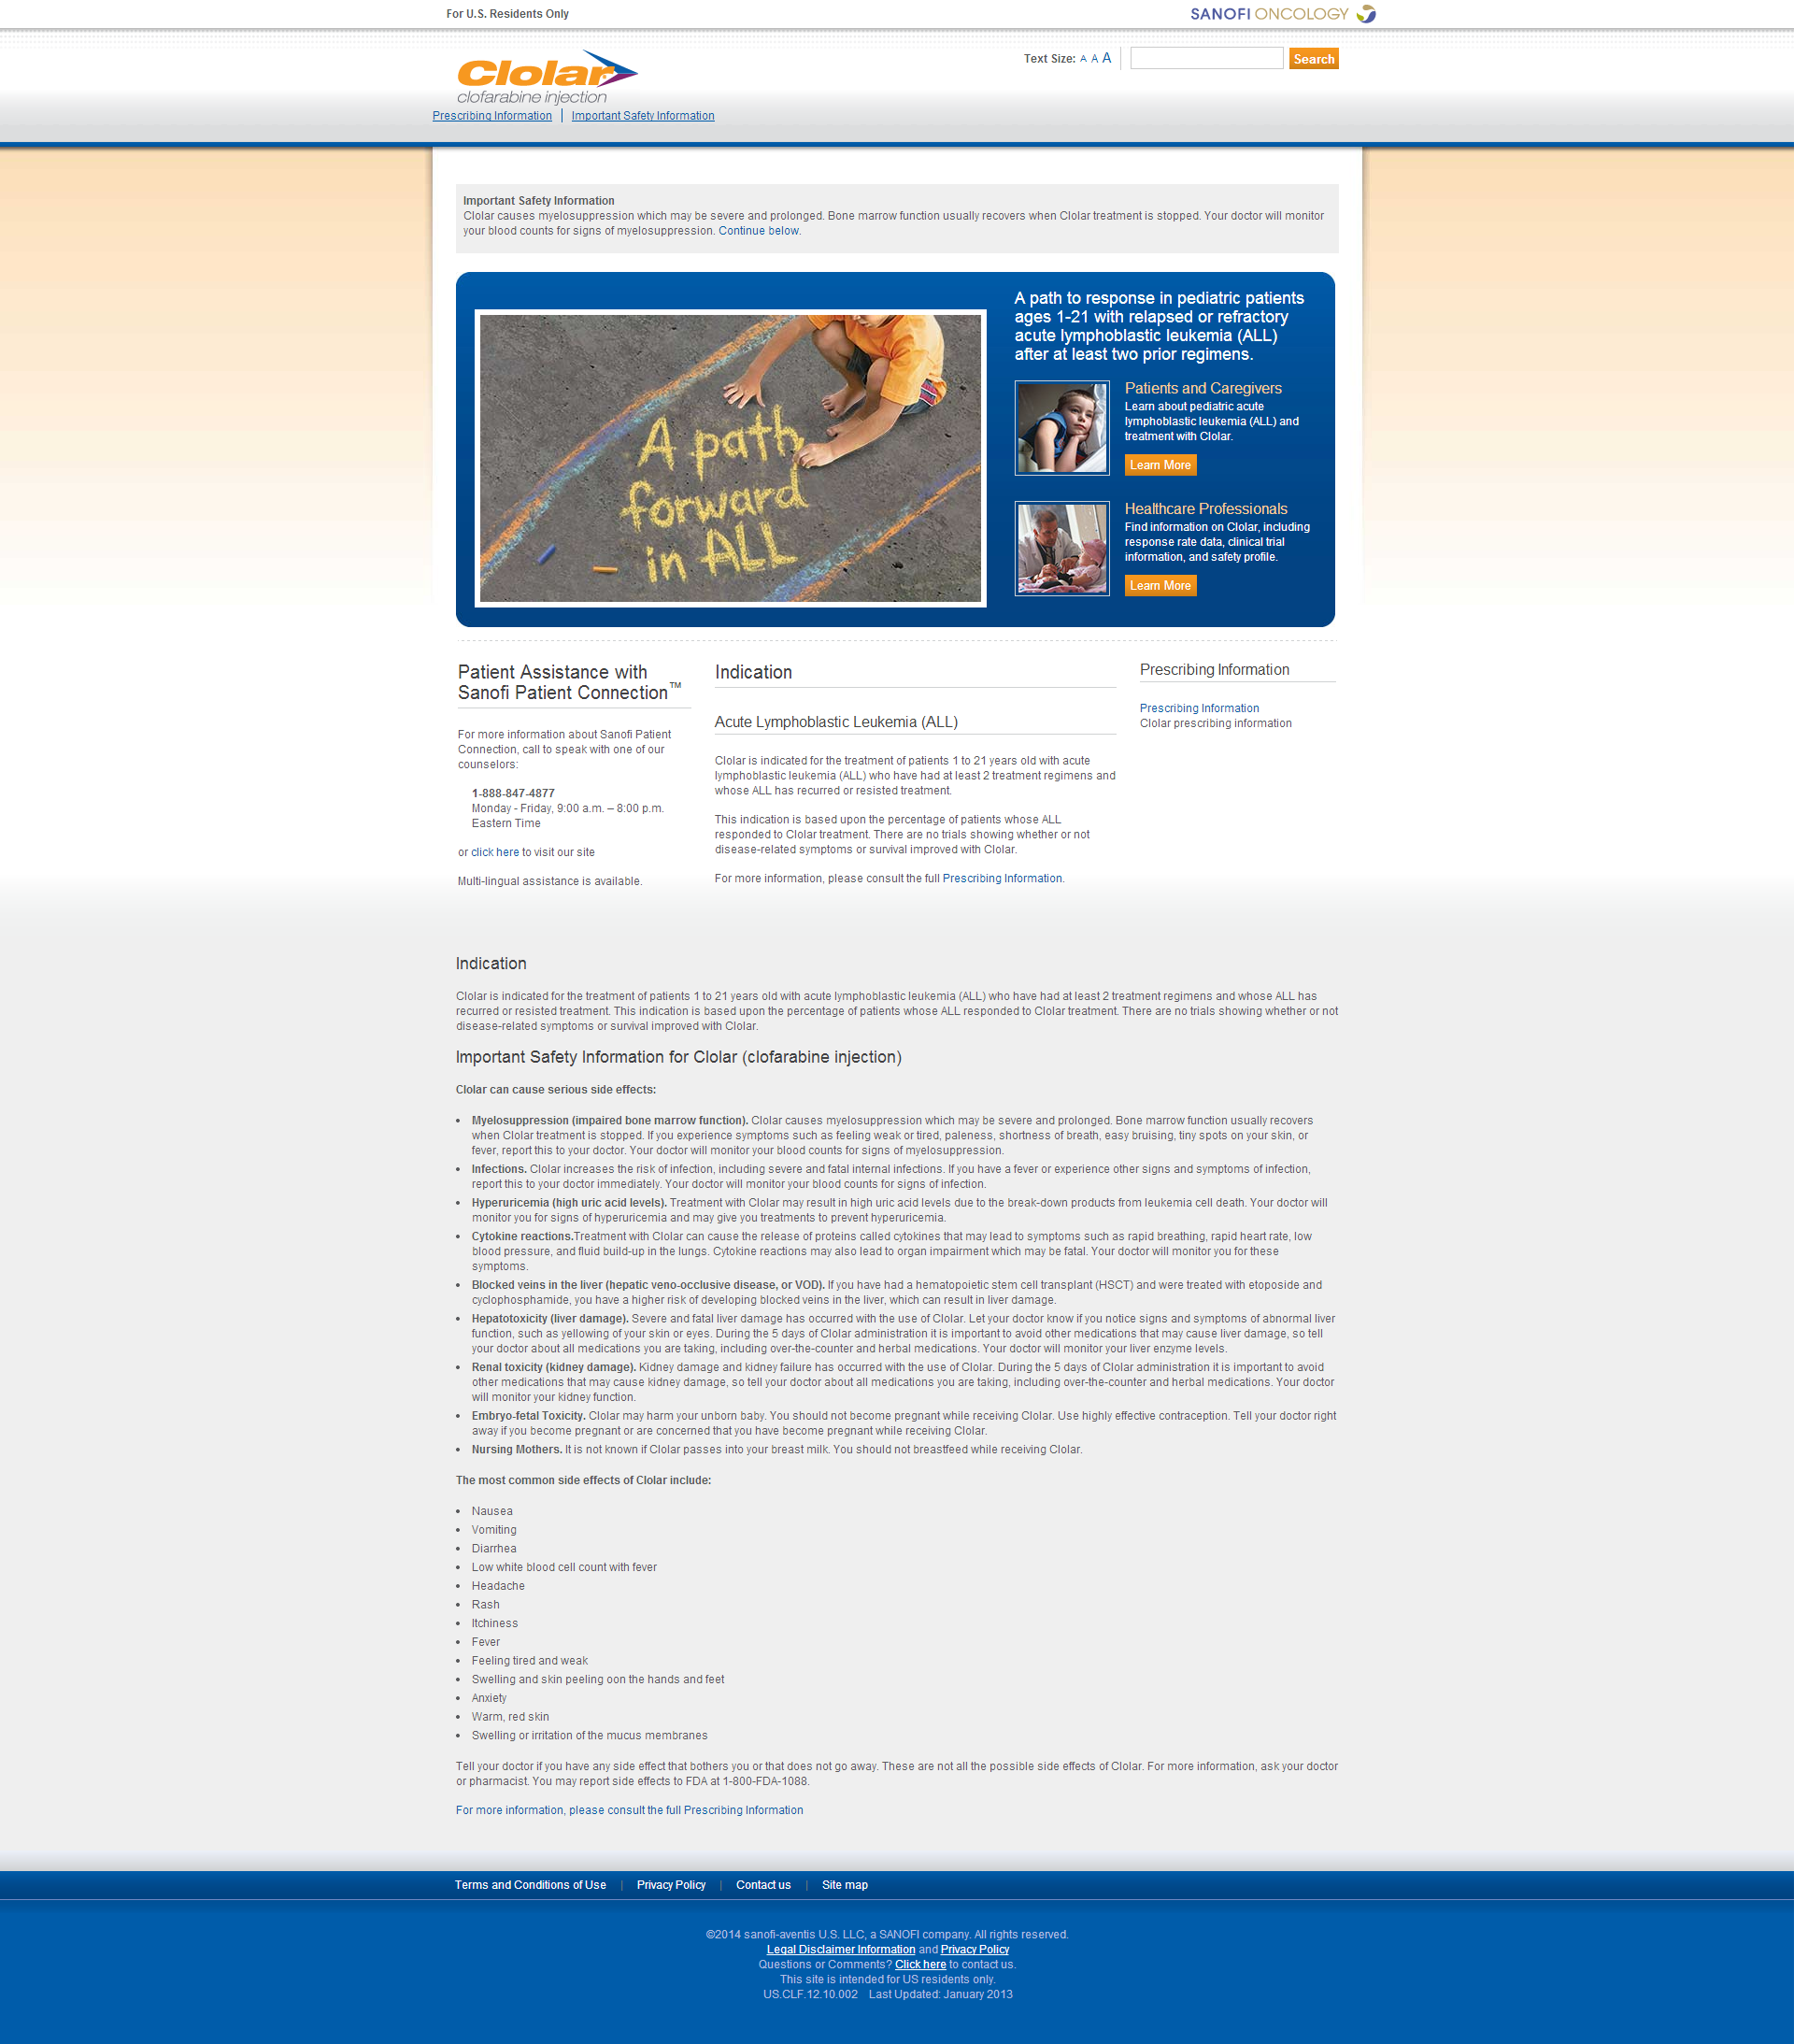 Lantus Prescribing Information Ebook